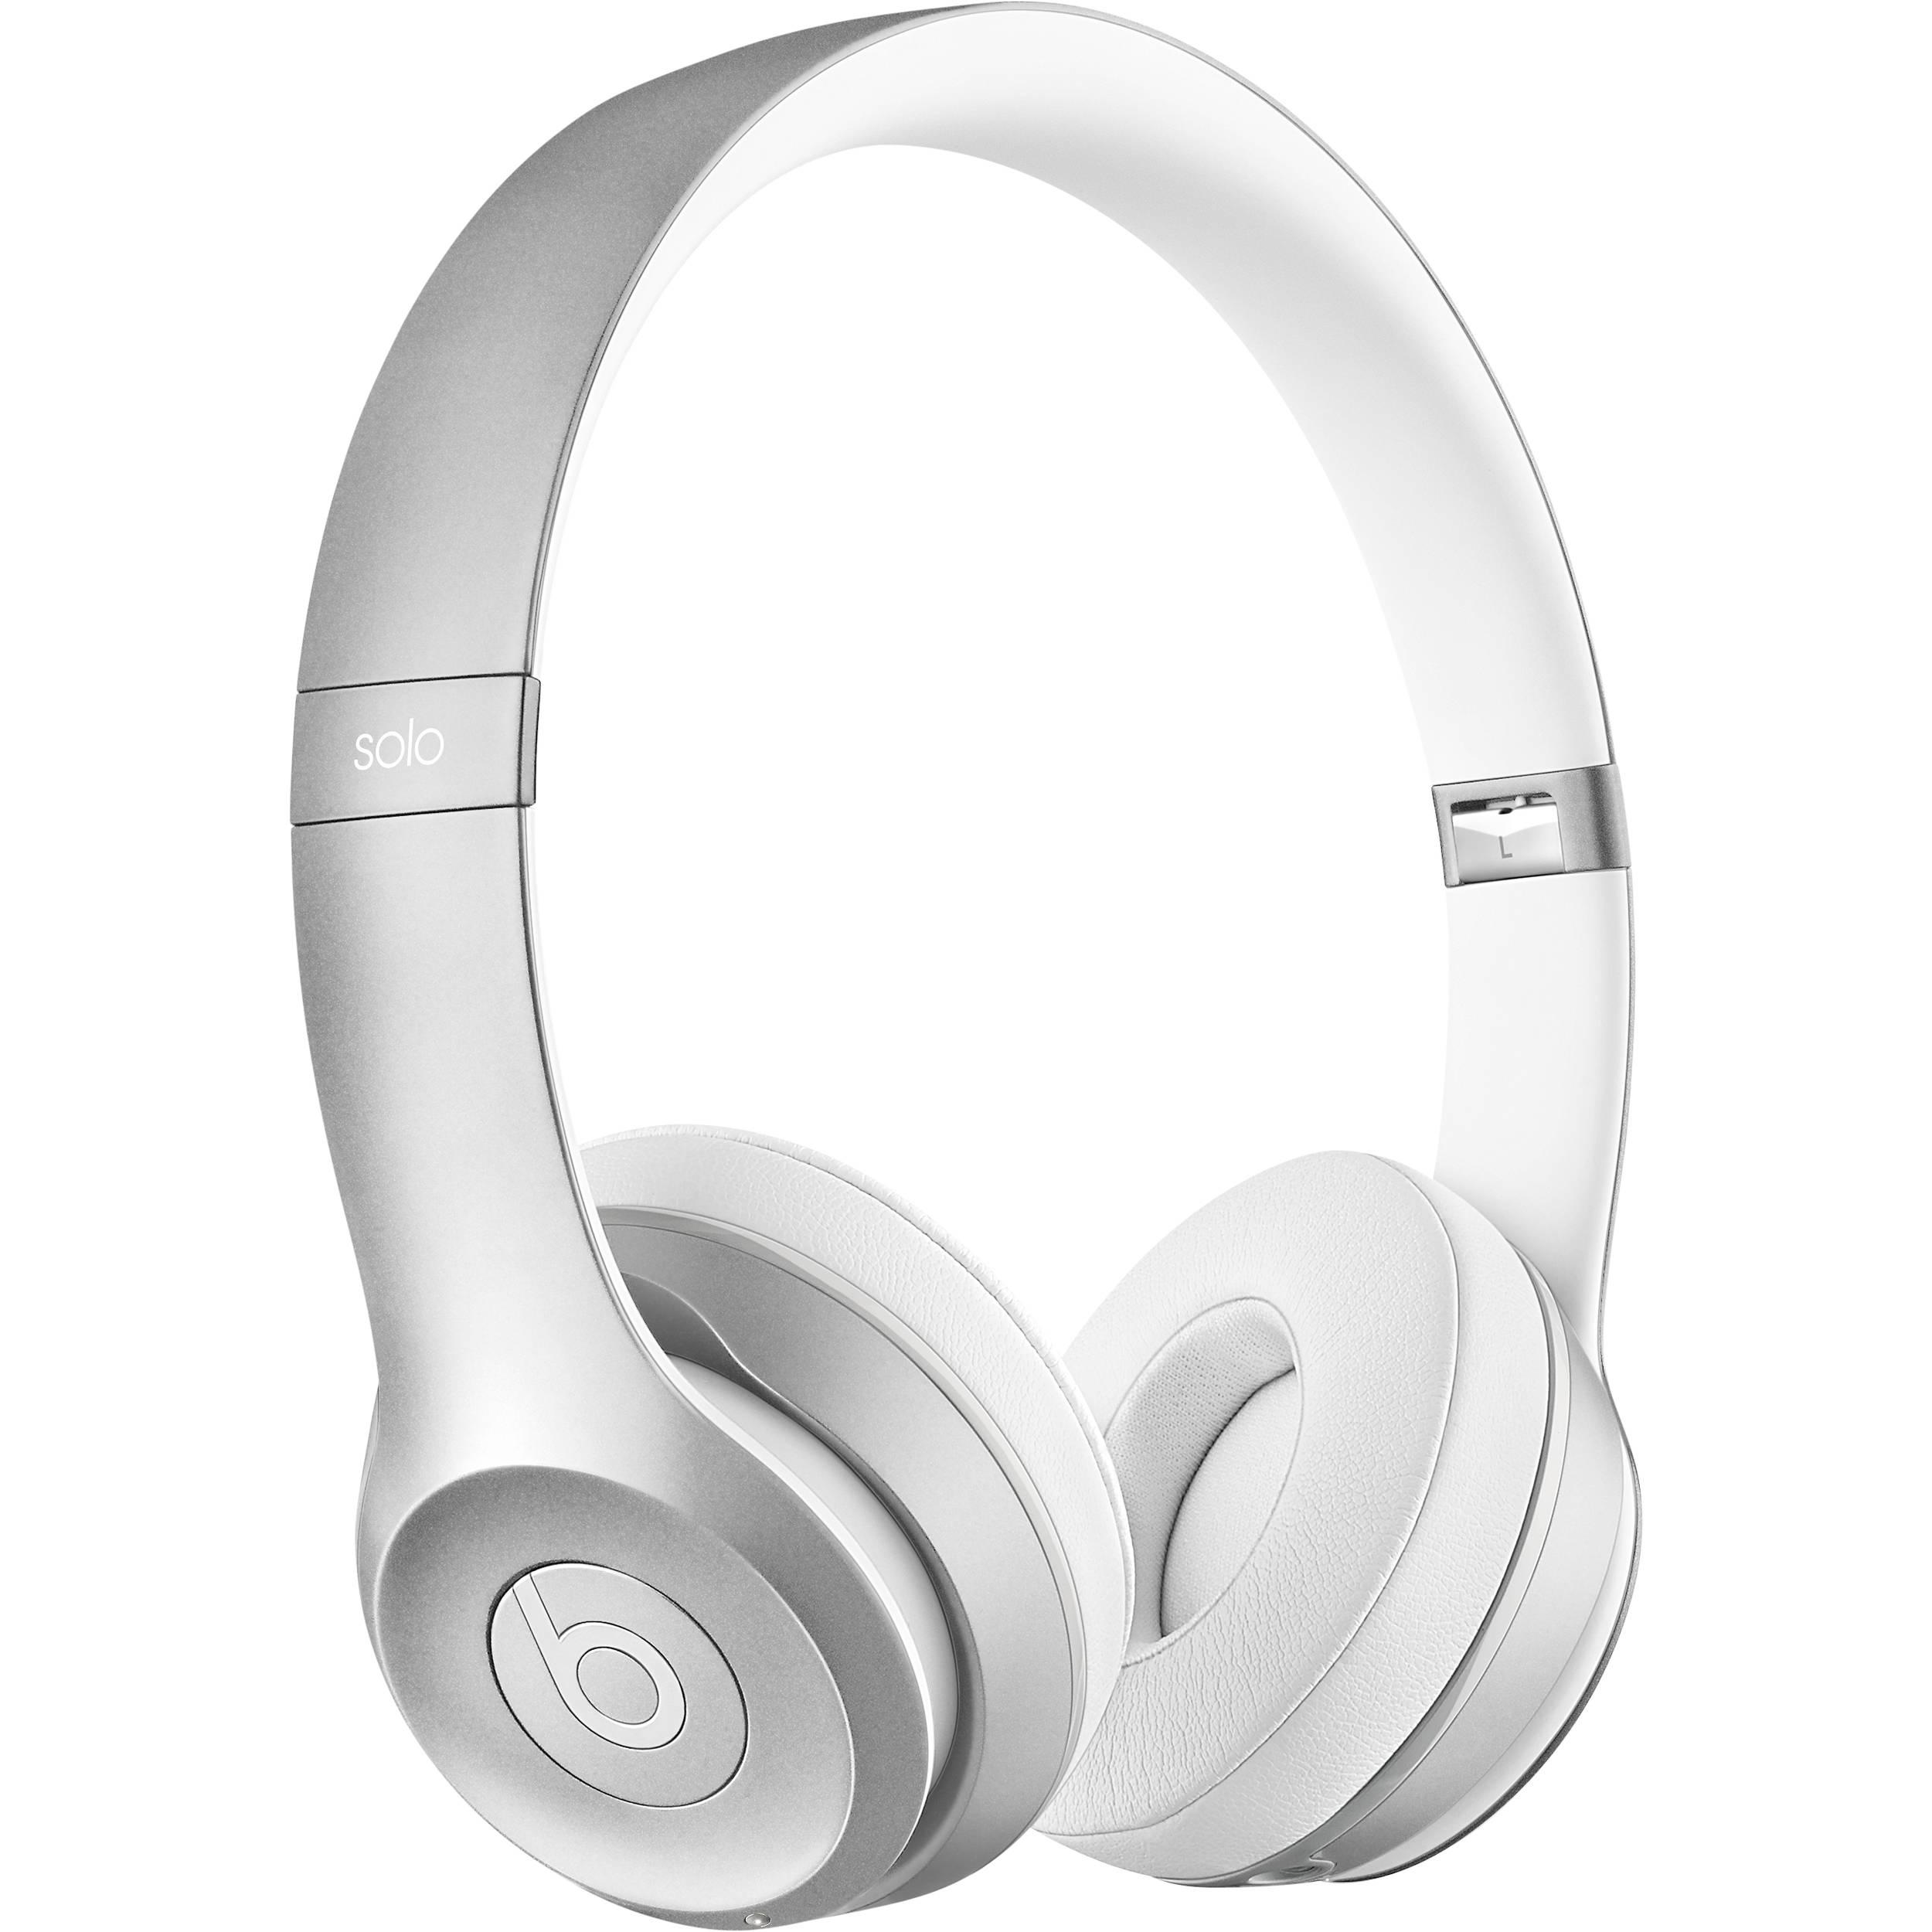 de7a0dd0491 Used Beats by Dr. Dre Solo2 Wireless On-Ear Headphones MKLE2AM/A